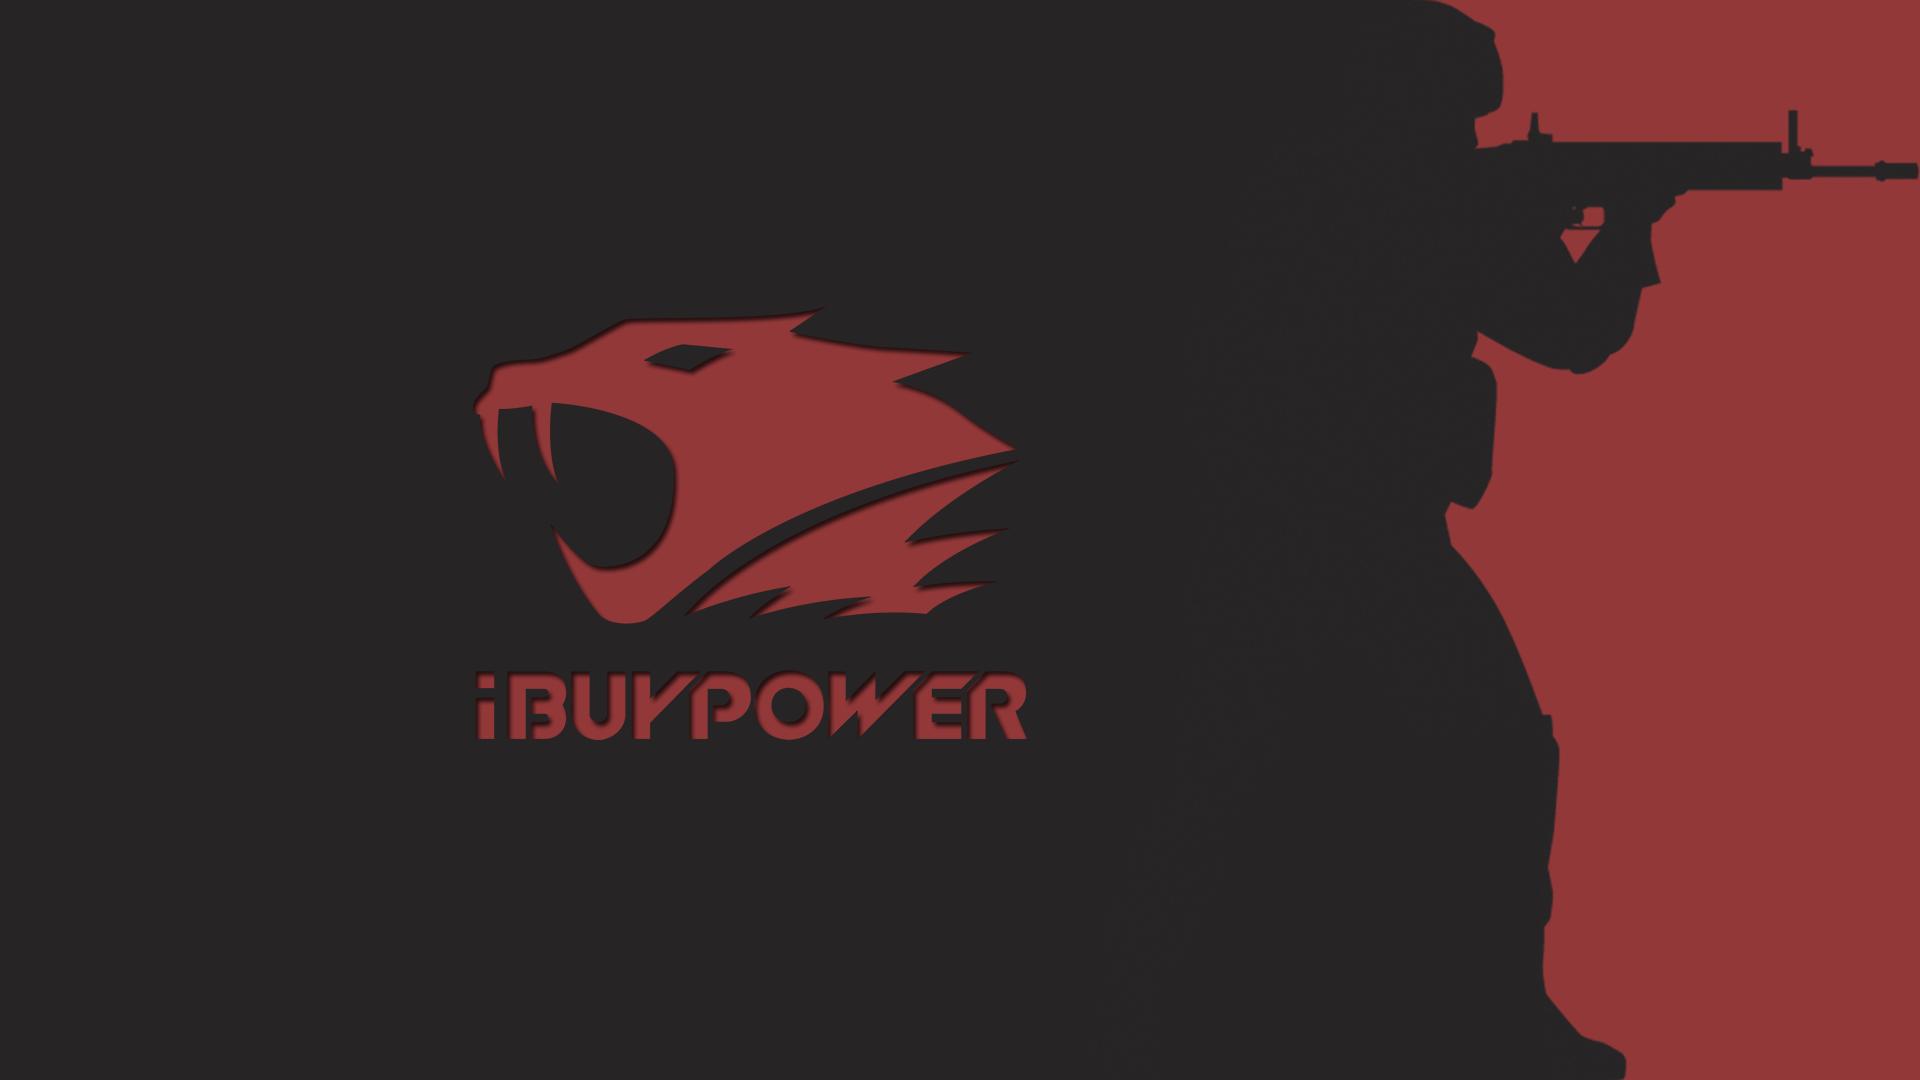 Ibuypower #1